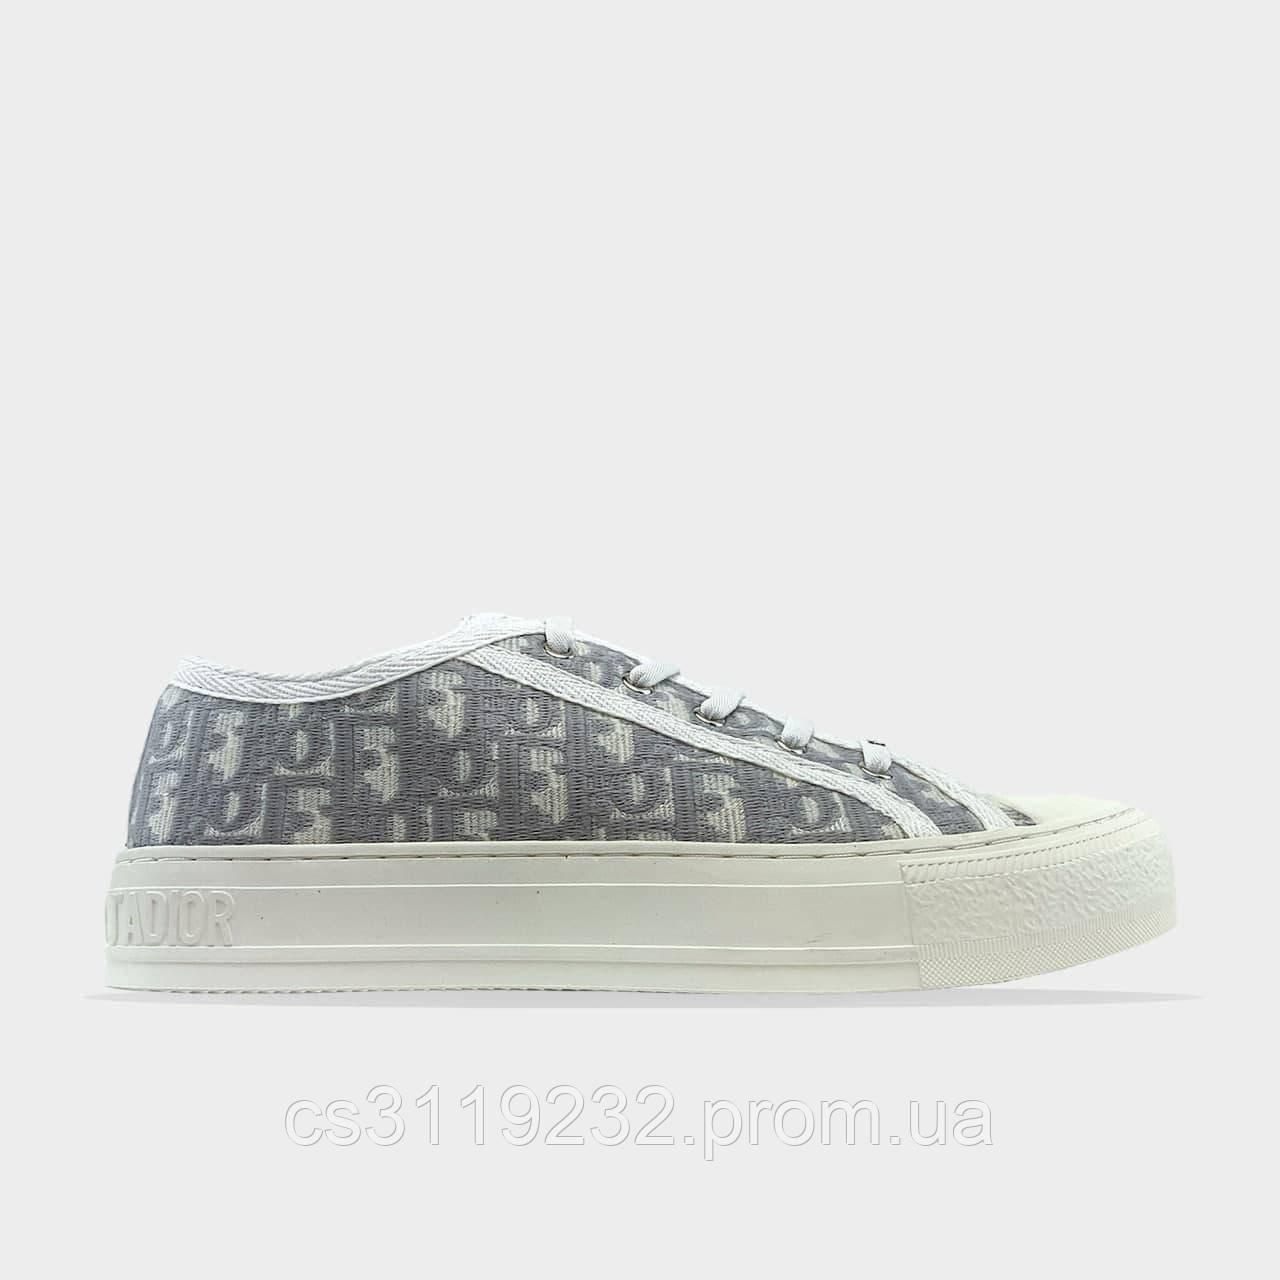 Жіночі кросівки Dior B23 Low-Top Sneakers White (білий)